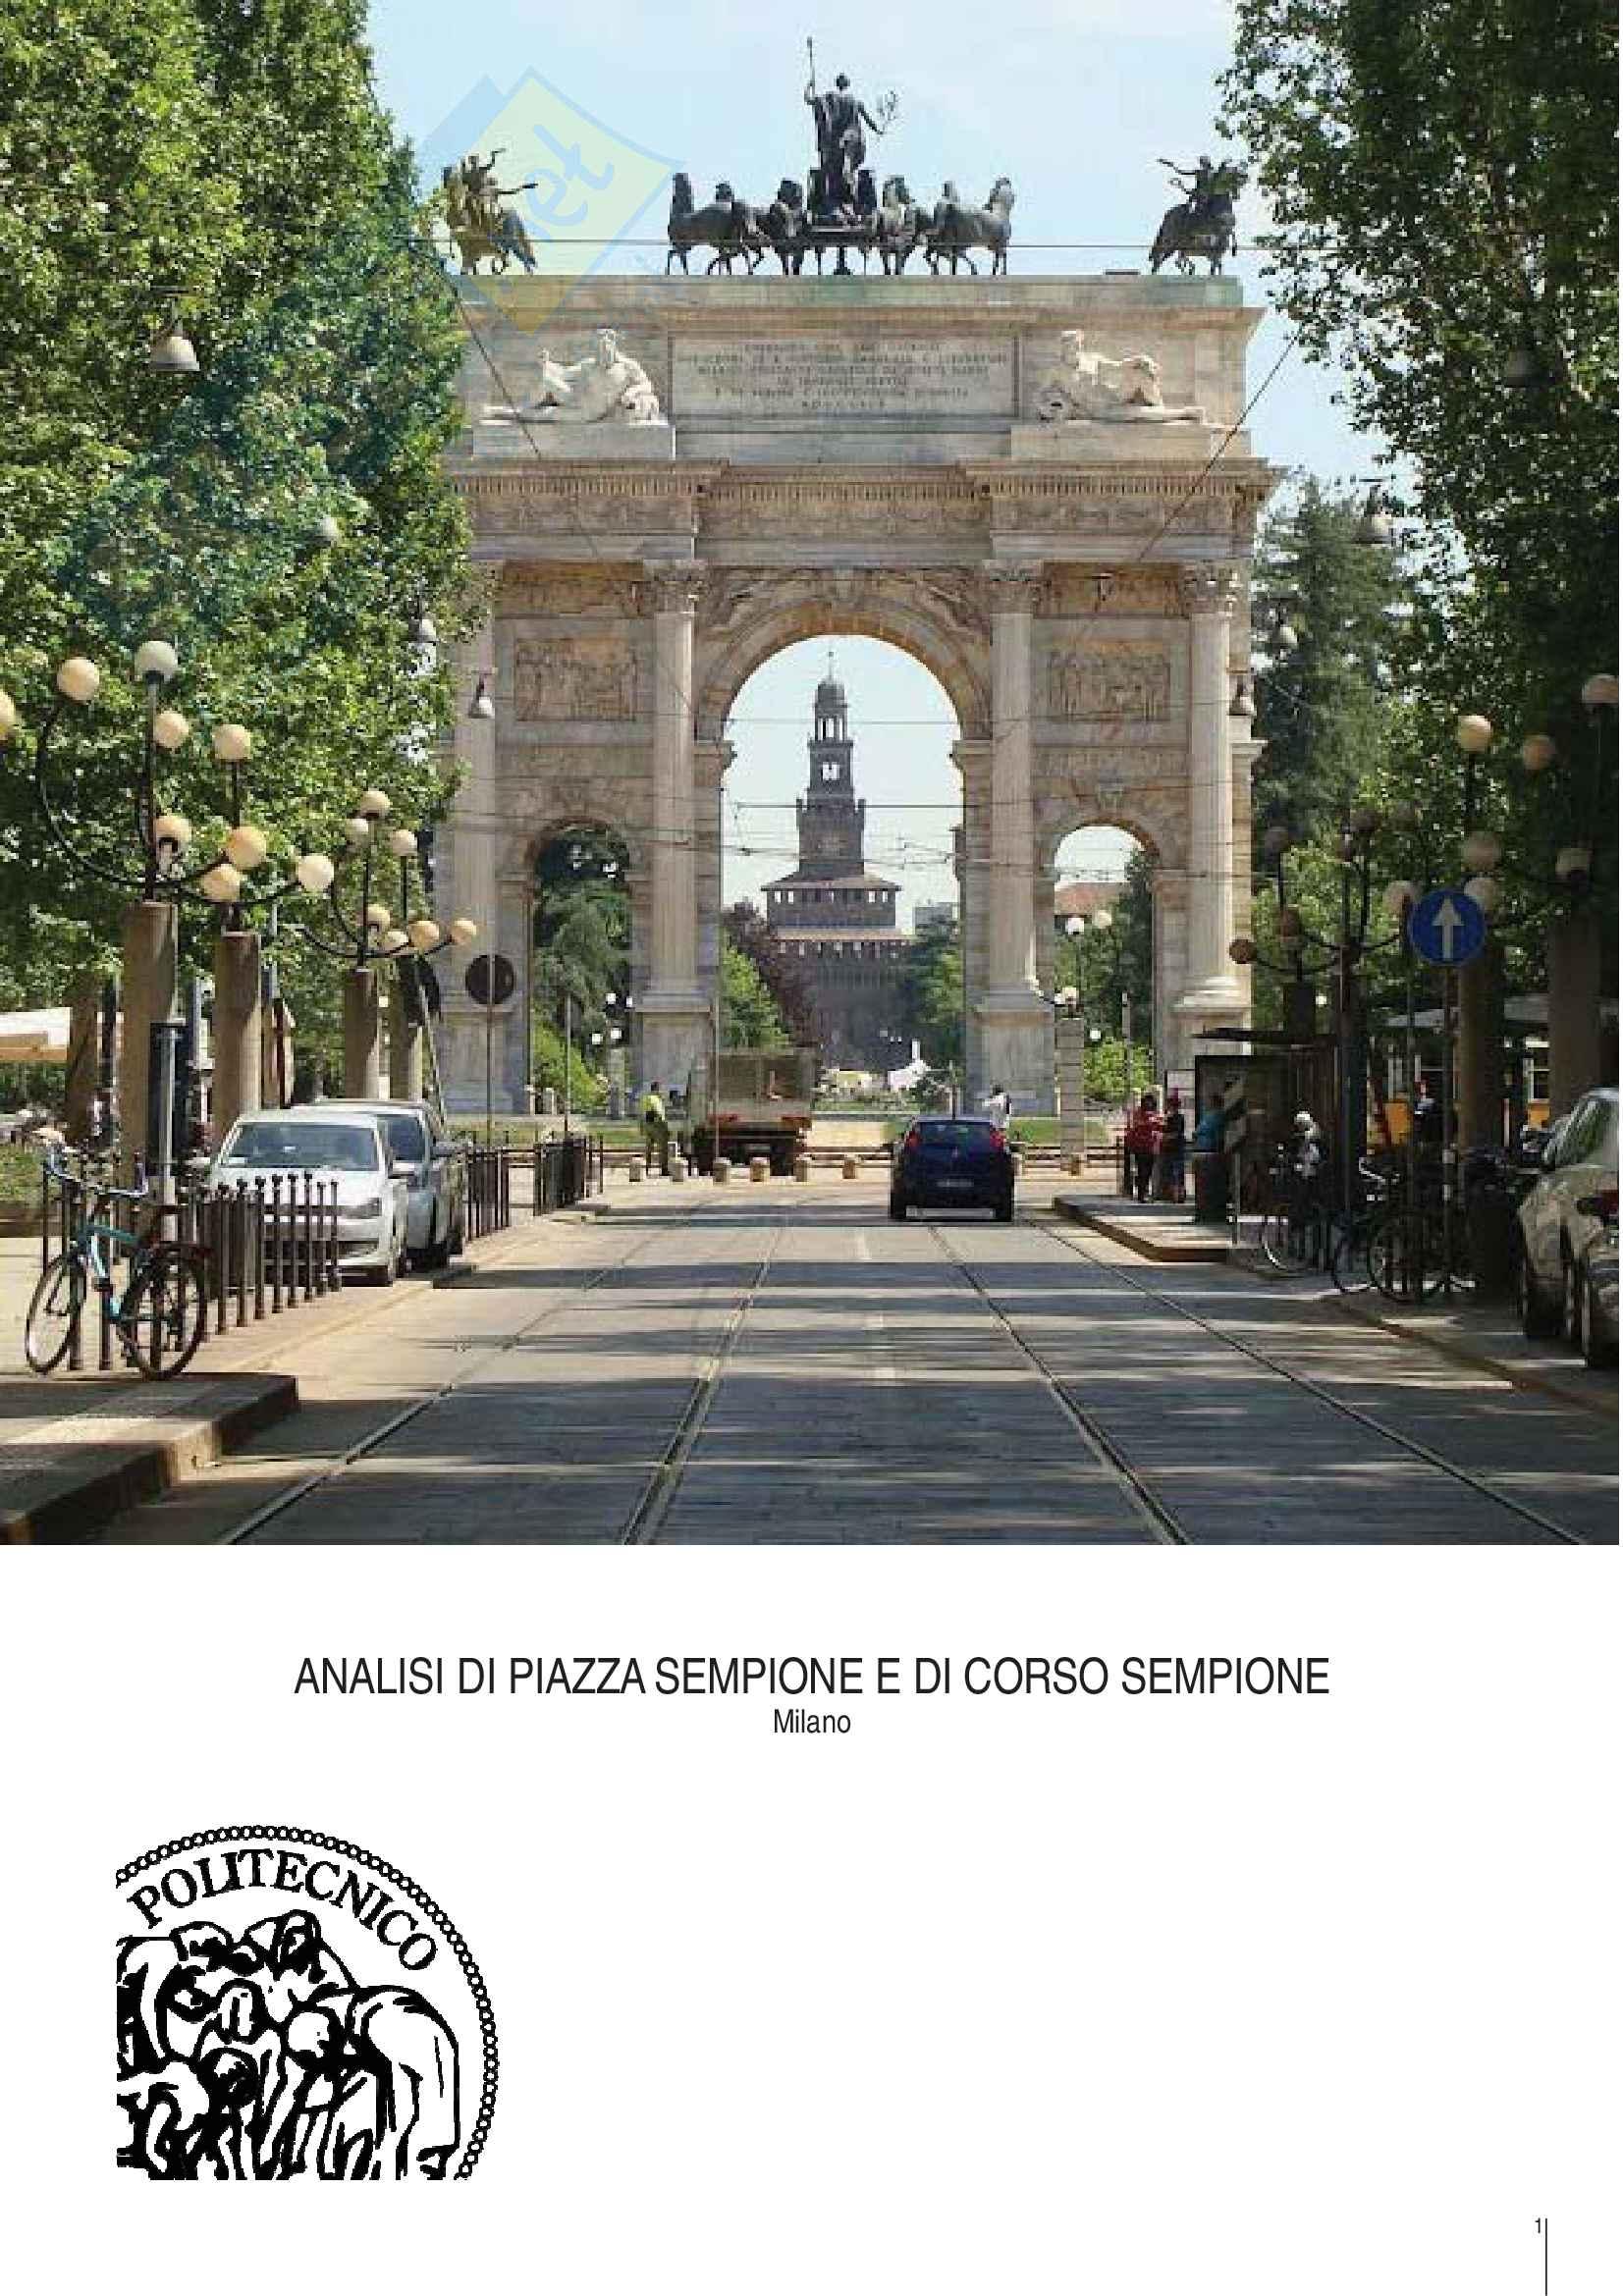 Analisi urbana di Piazza Sempione e Corso Sempione a Milano